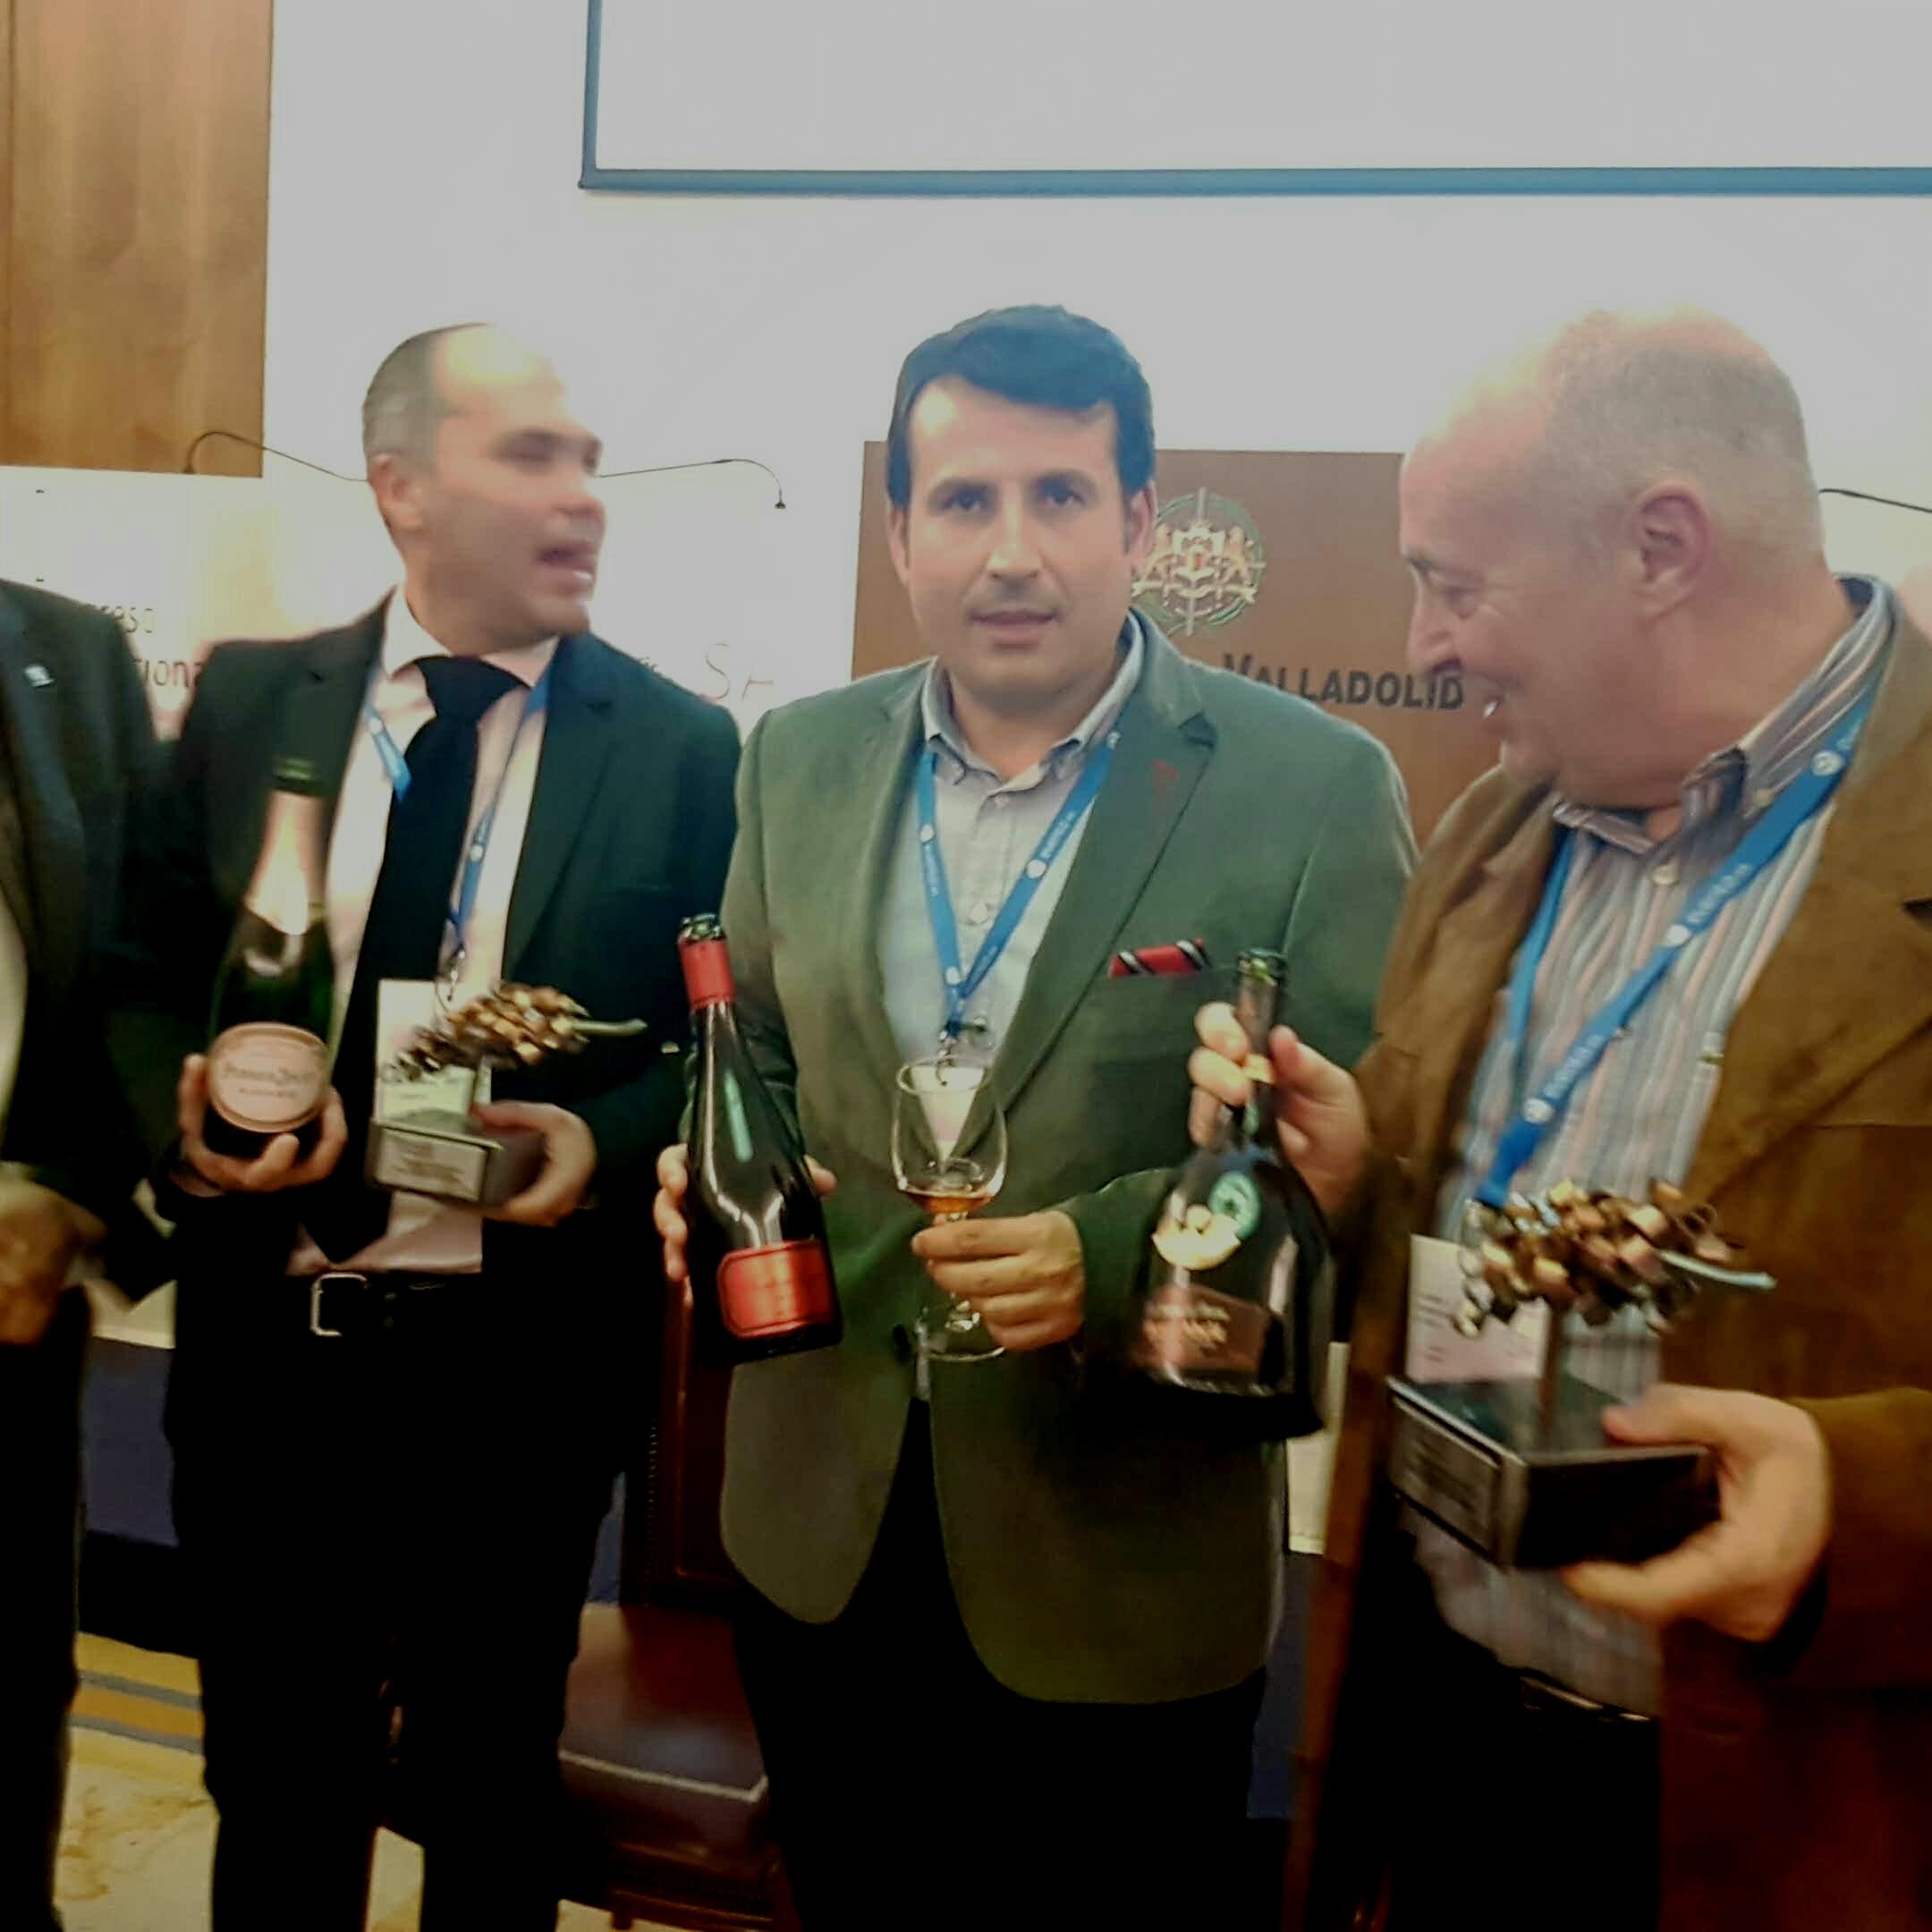 Los tres productores de los vinos catados....